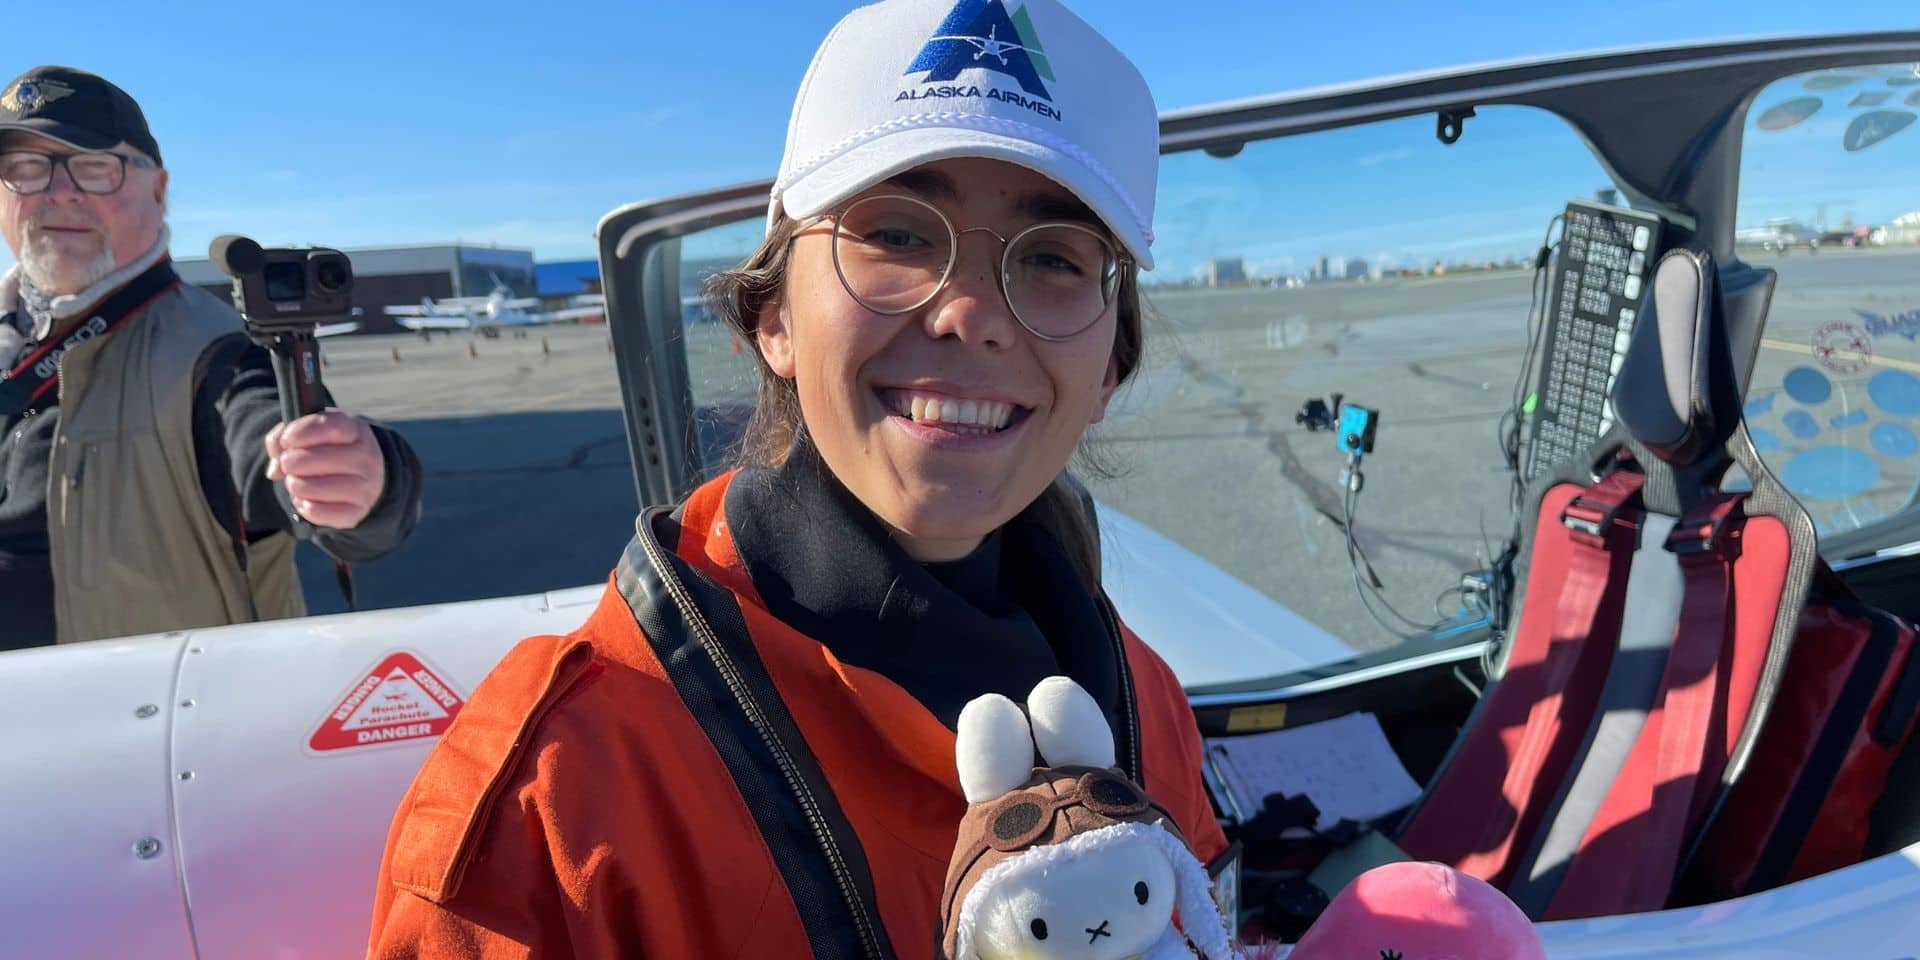 La Belgo-Britannique Zara Rutherford, qui a entamé un tour du monde en avion, se retrouve bloquée en Alaska